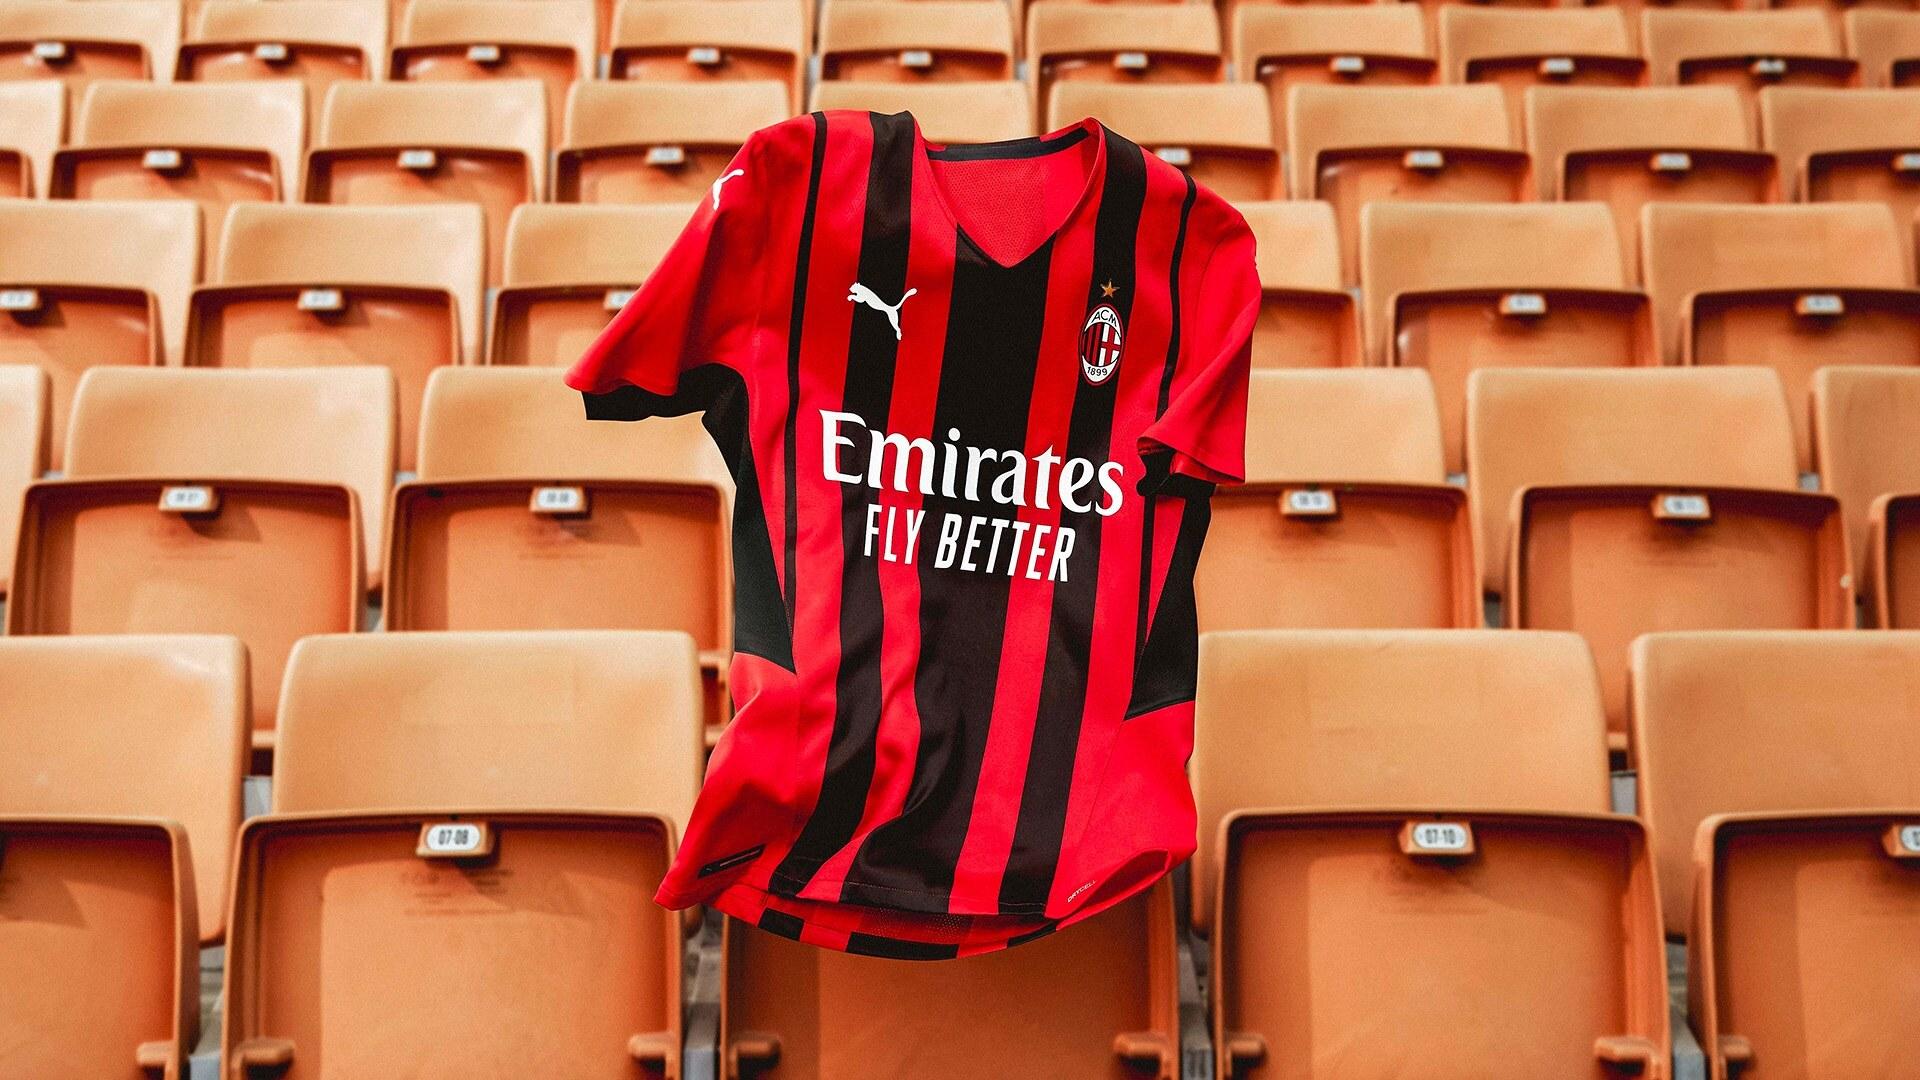 Milan x Puma Home Kit 2020-2021 maglia